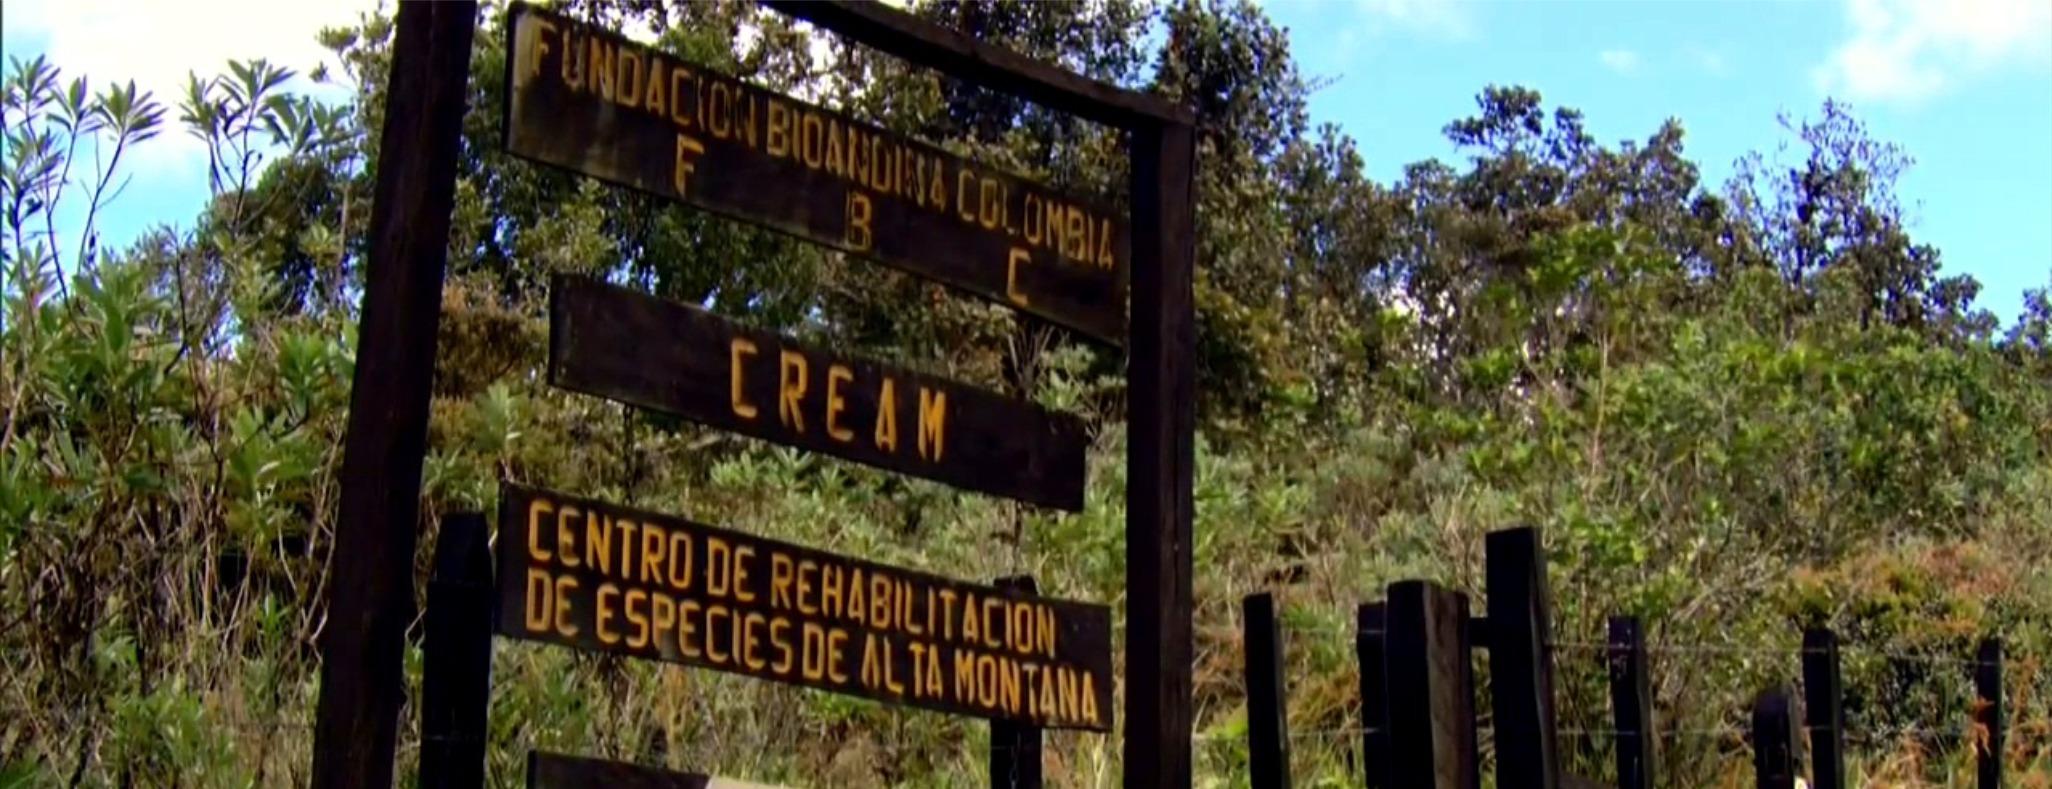 Centro de Rehabilitación de Especies de Alta Montaña - Bioandona - Guasca, Cundinamarca